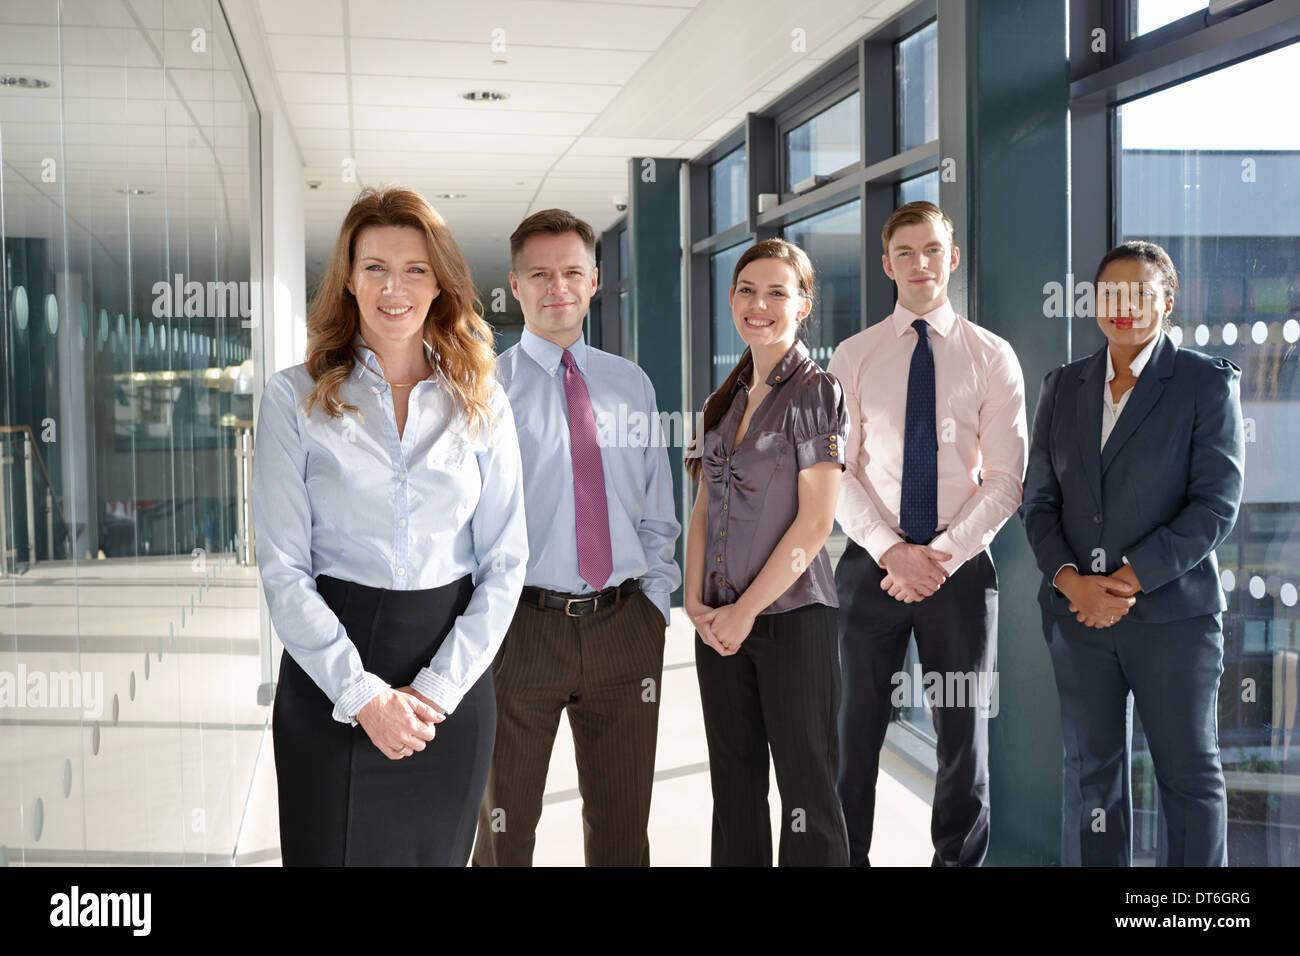 Retrato de colegas de negocios en el corredor Imagen De Stock